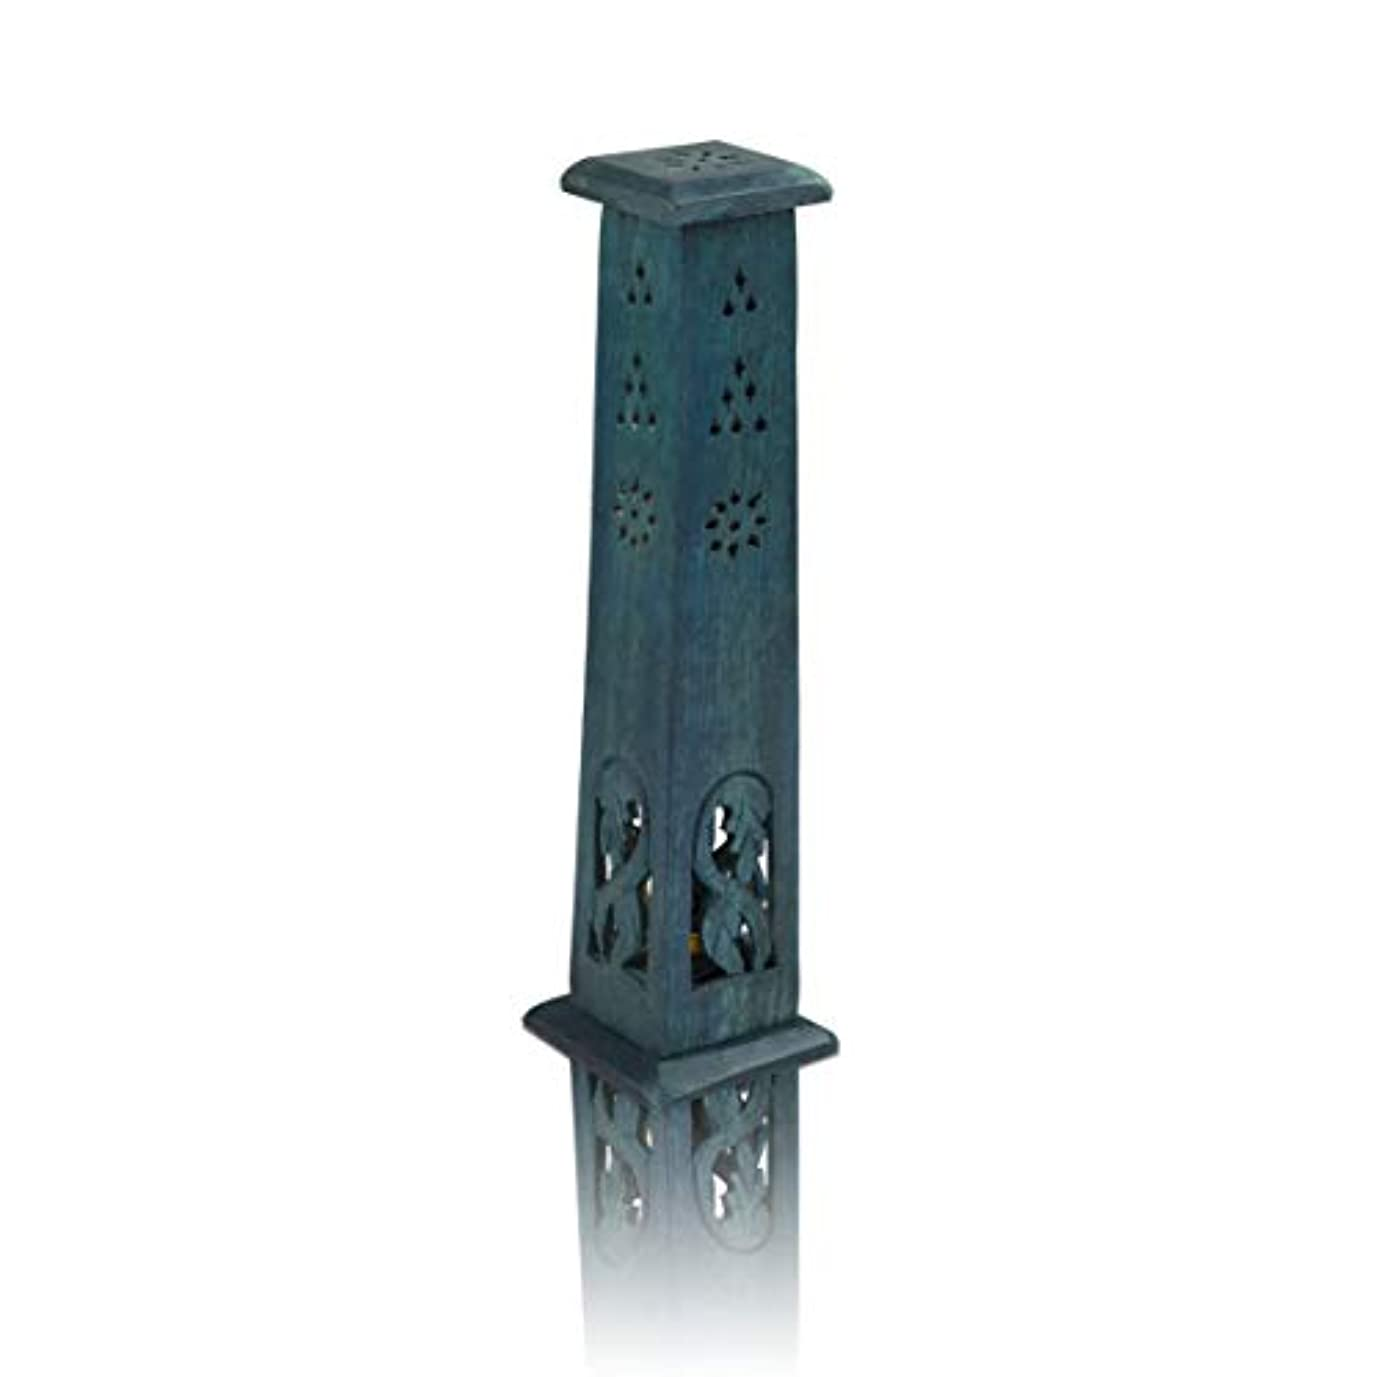 勘違いするはっきりと定期的木製お香スティック&コーンバーナーホルダー タワー ラージ オーガニック エコフレンドリー アッシュキャッチャー アガーバティホルダー 素朴なスタイル 手彫り 瞑想 ヨガ アロマセラピー ホームフレグランス製品